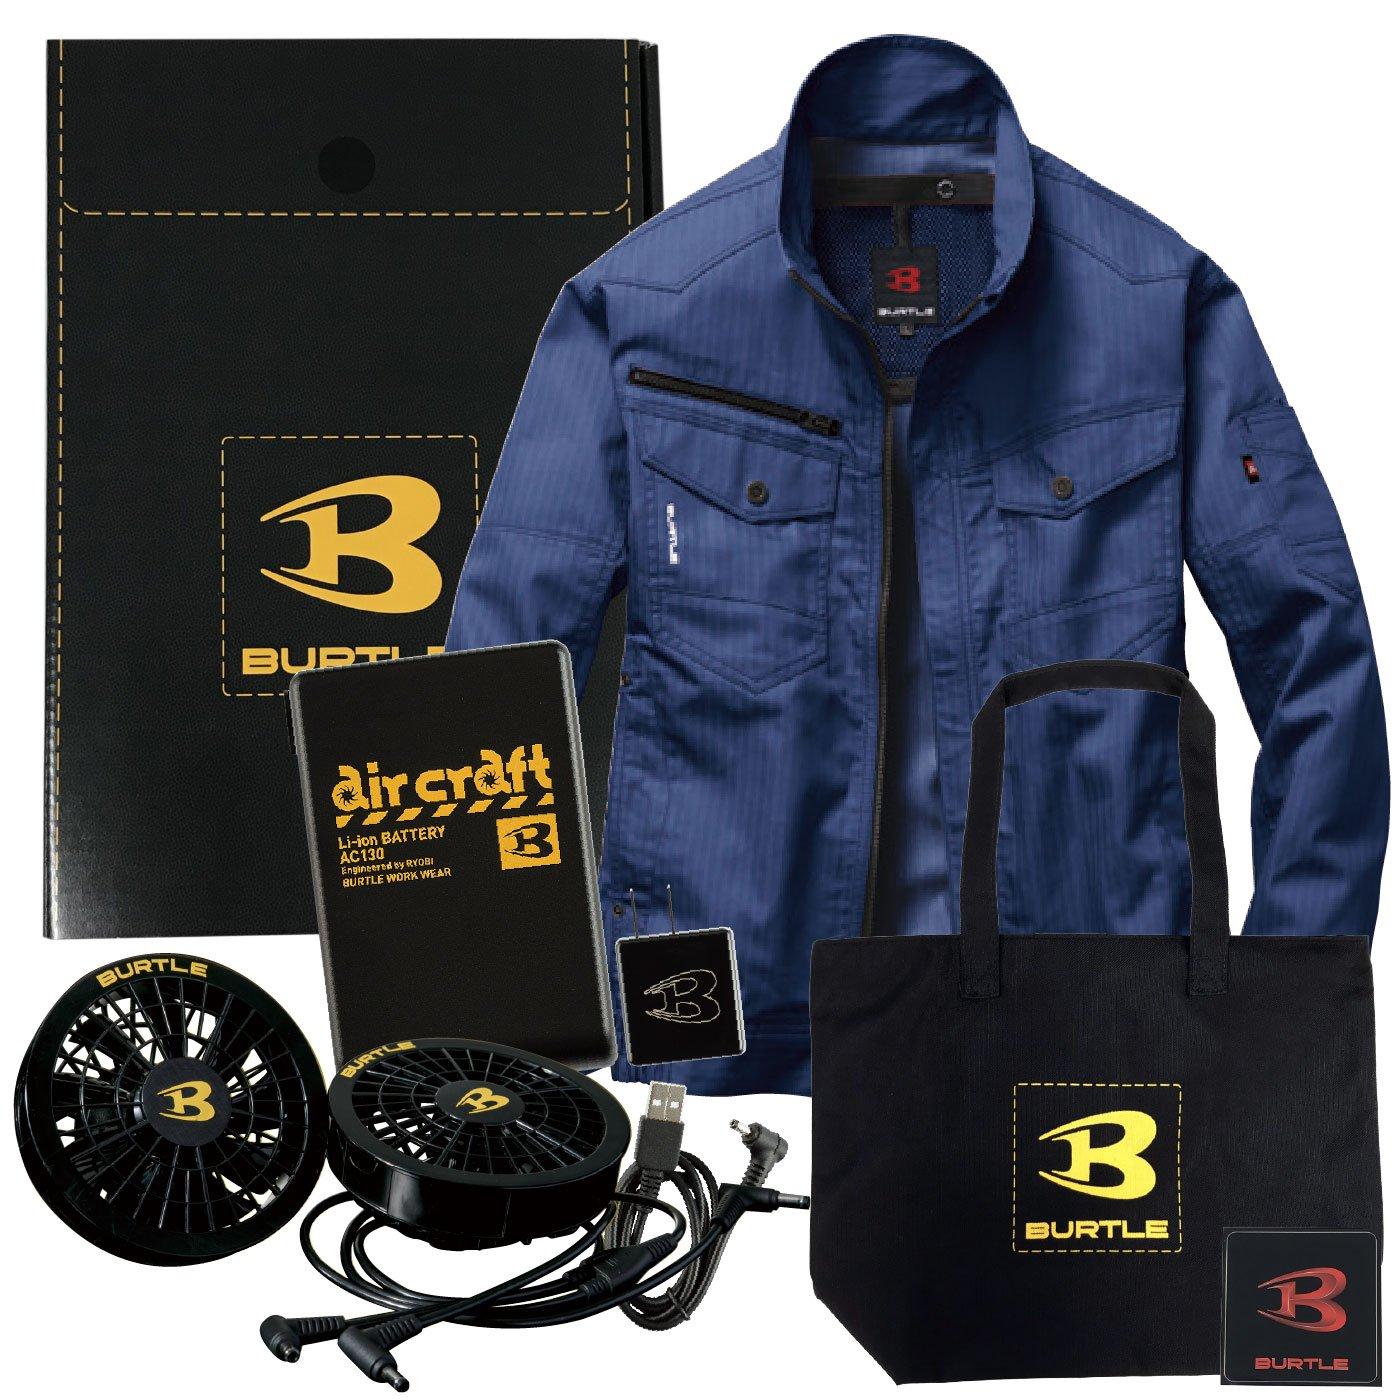 バートル(BURTLE) 【数量限定】 空調服 ファン付き エアークラフト ブルゾン bt-ac1001set 【空調服+ファンac110+バッテリーac130】 B07DCNWPC4 SS|ネイサン ネイサン SS